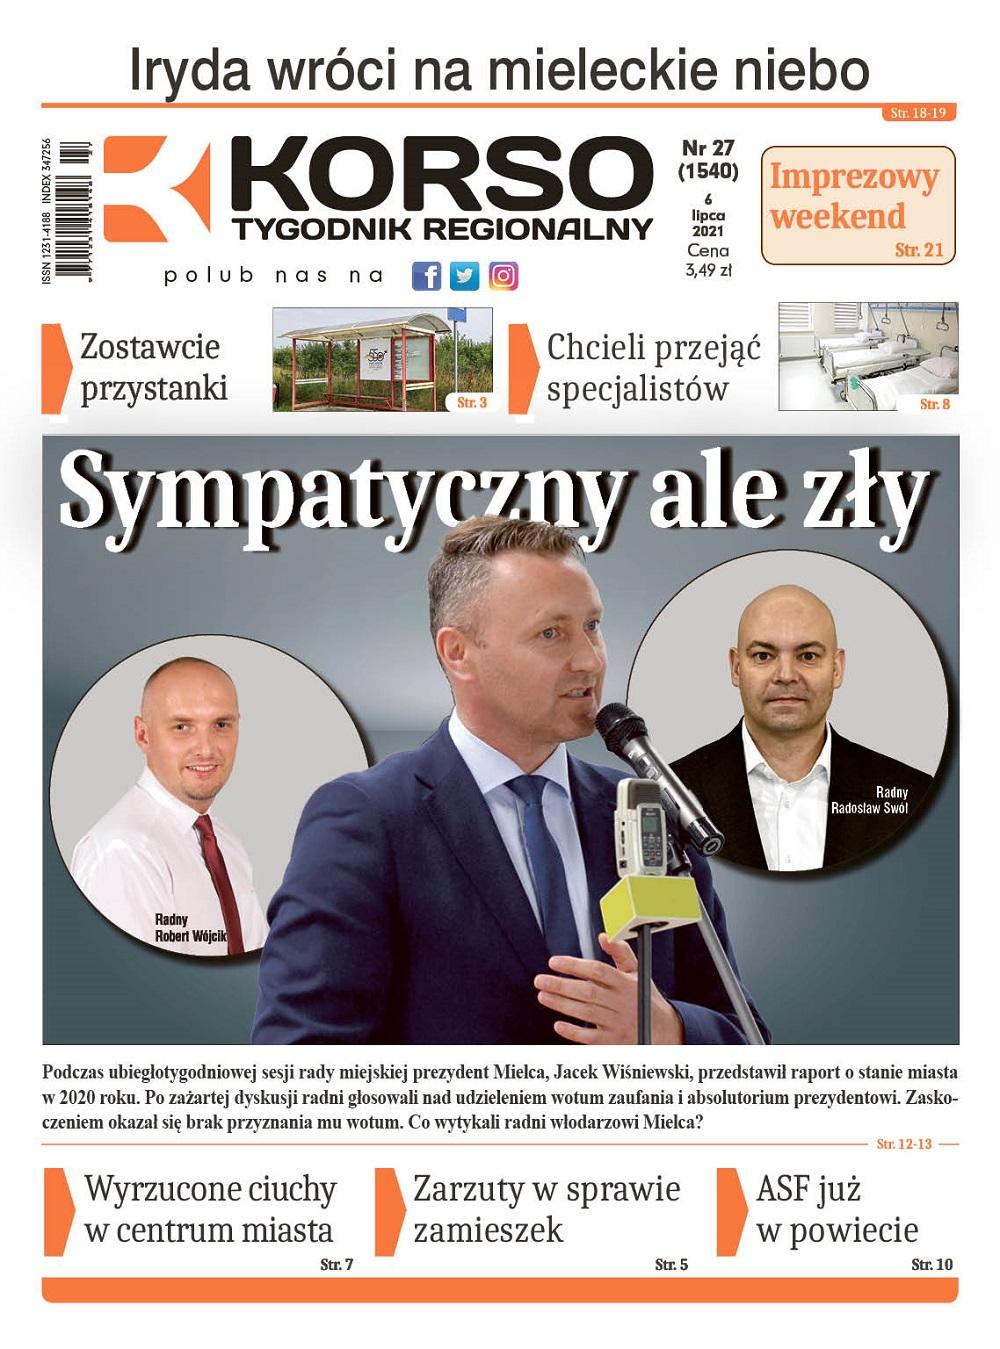 Tygodnik Regionalny KORSO nr 27/2021 - Zdjęcie główne